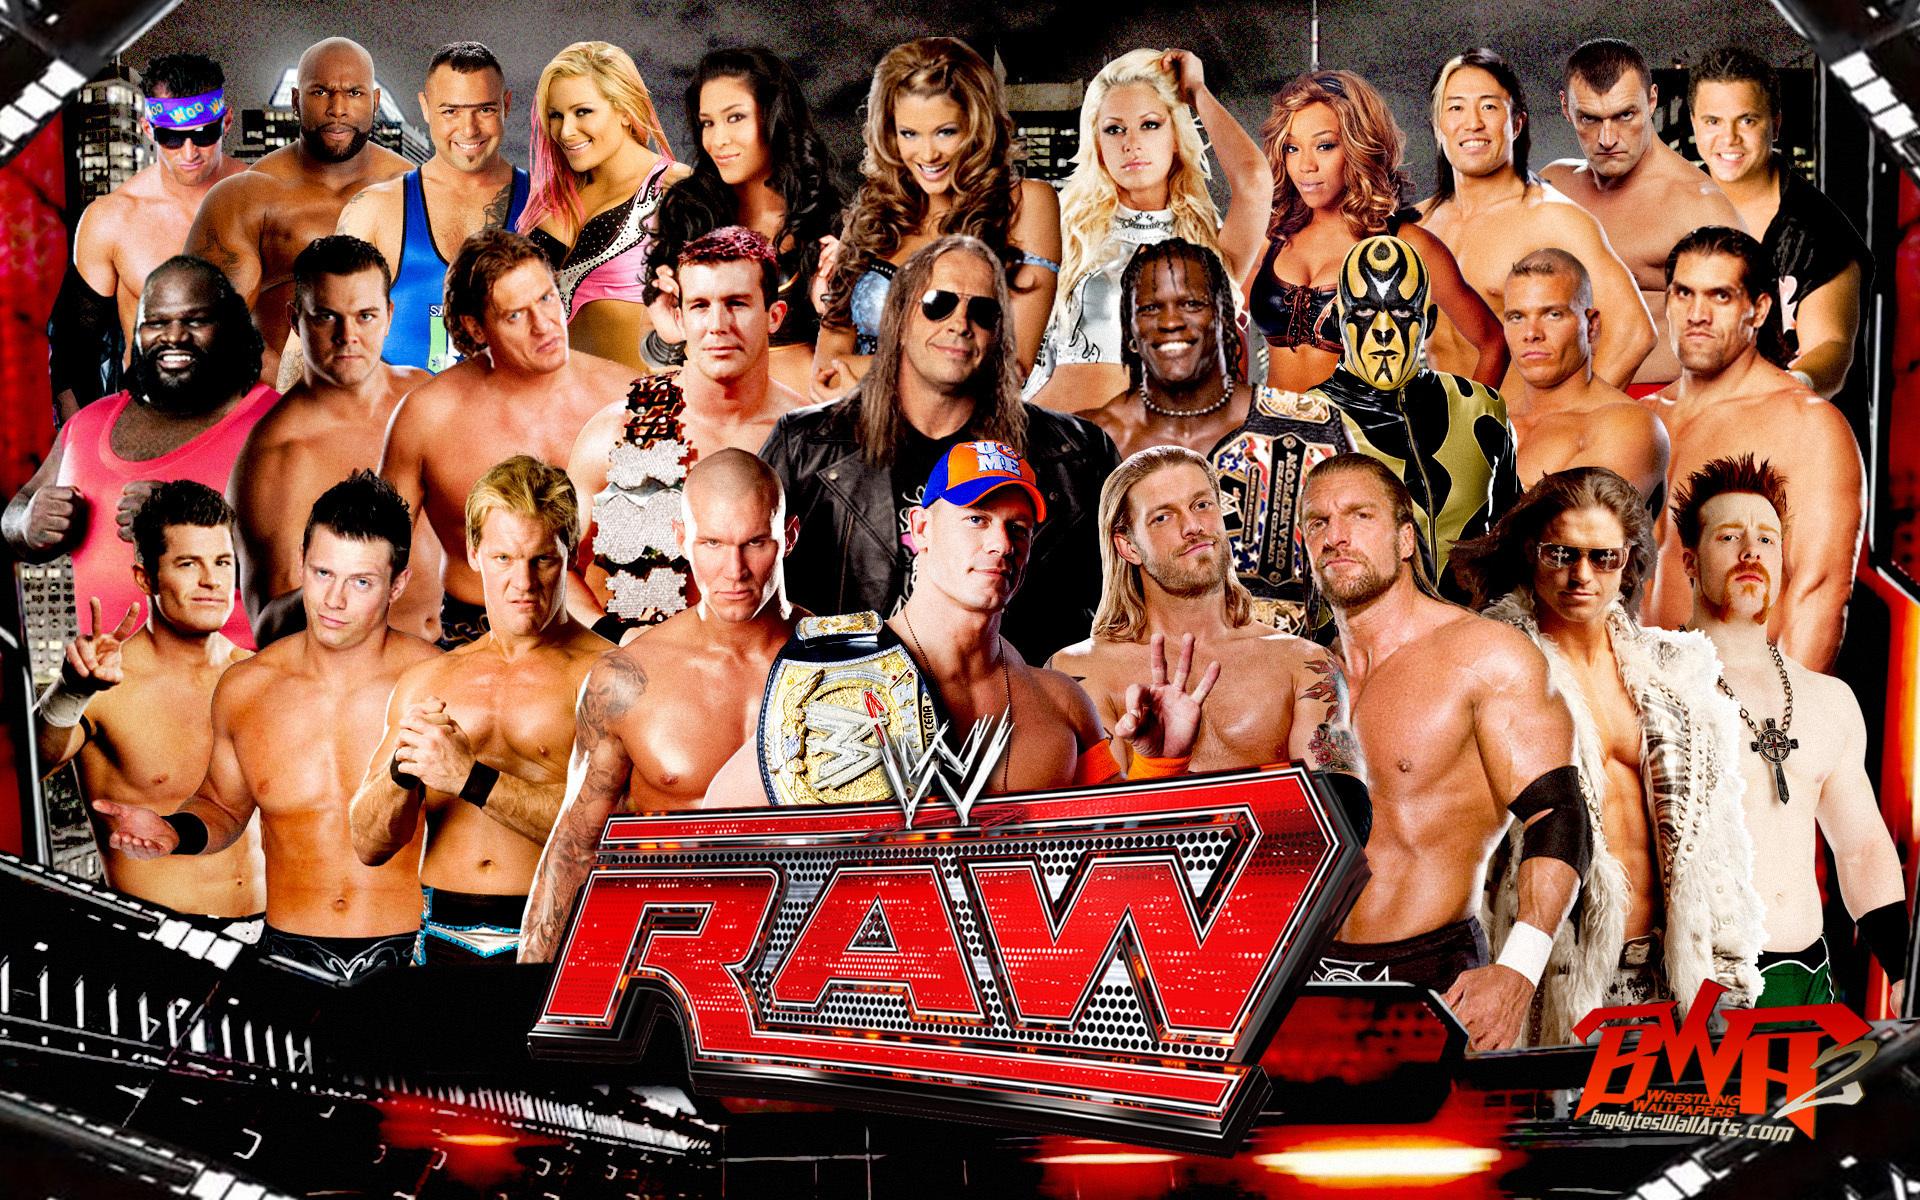 WWE Raw   WWE Wallpaper 16933714 fanclubs 1920x1200